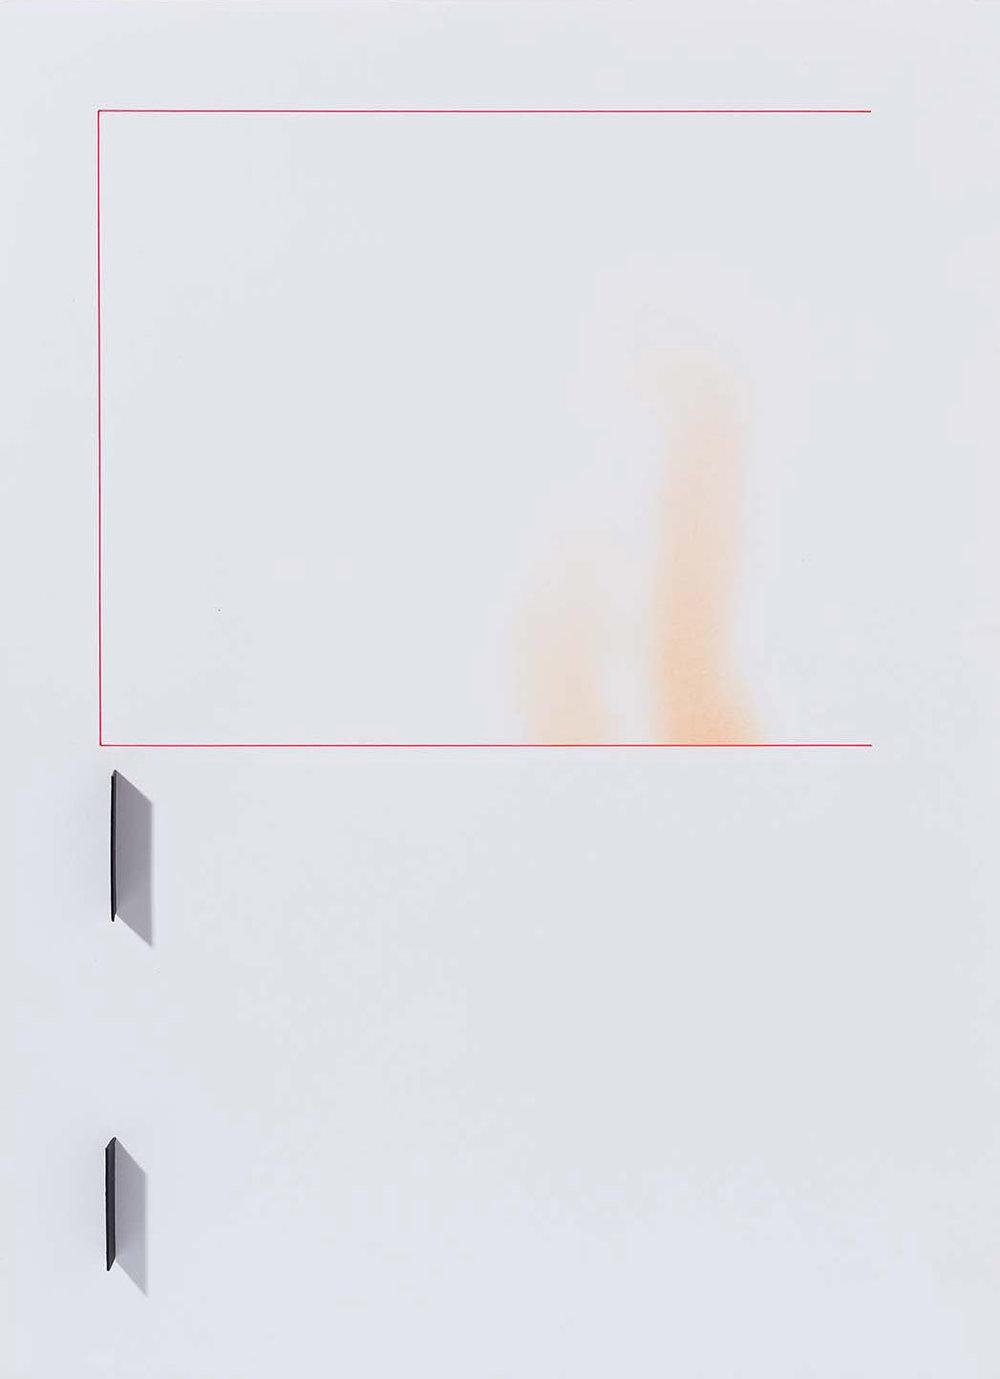 Copy of Sem título   2015   desenho   nanquim, pastel e colagem sobre papel  42 x 29,5 x 2 cm (sem moldura)  56,5 x 44,5 x 5,5 cm (com moldura)